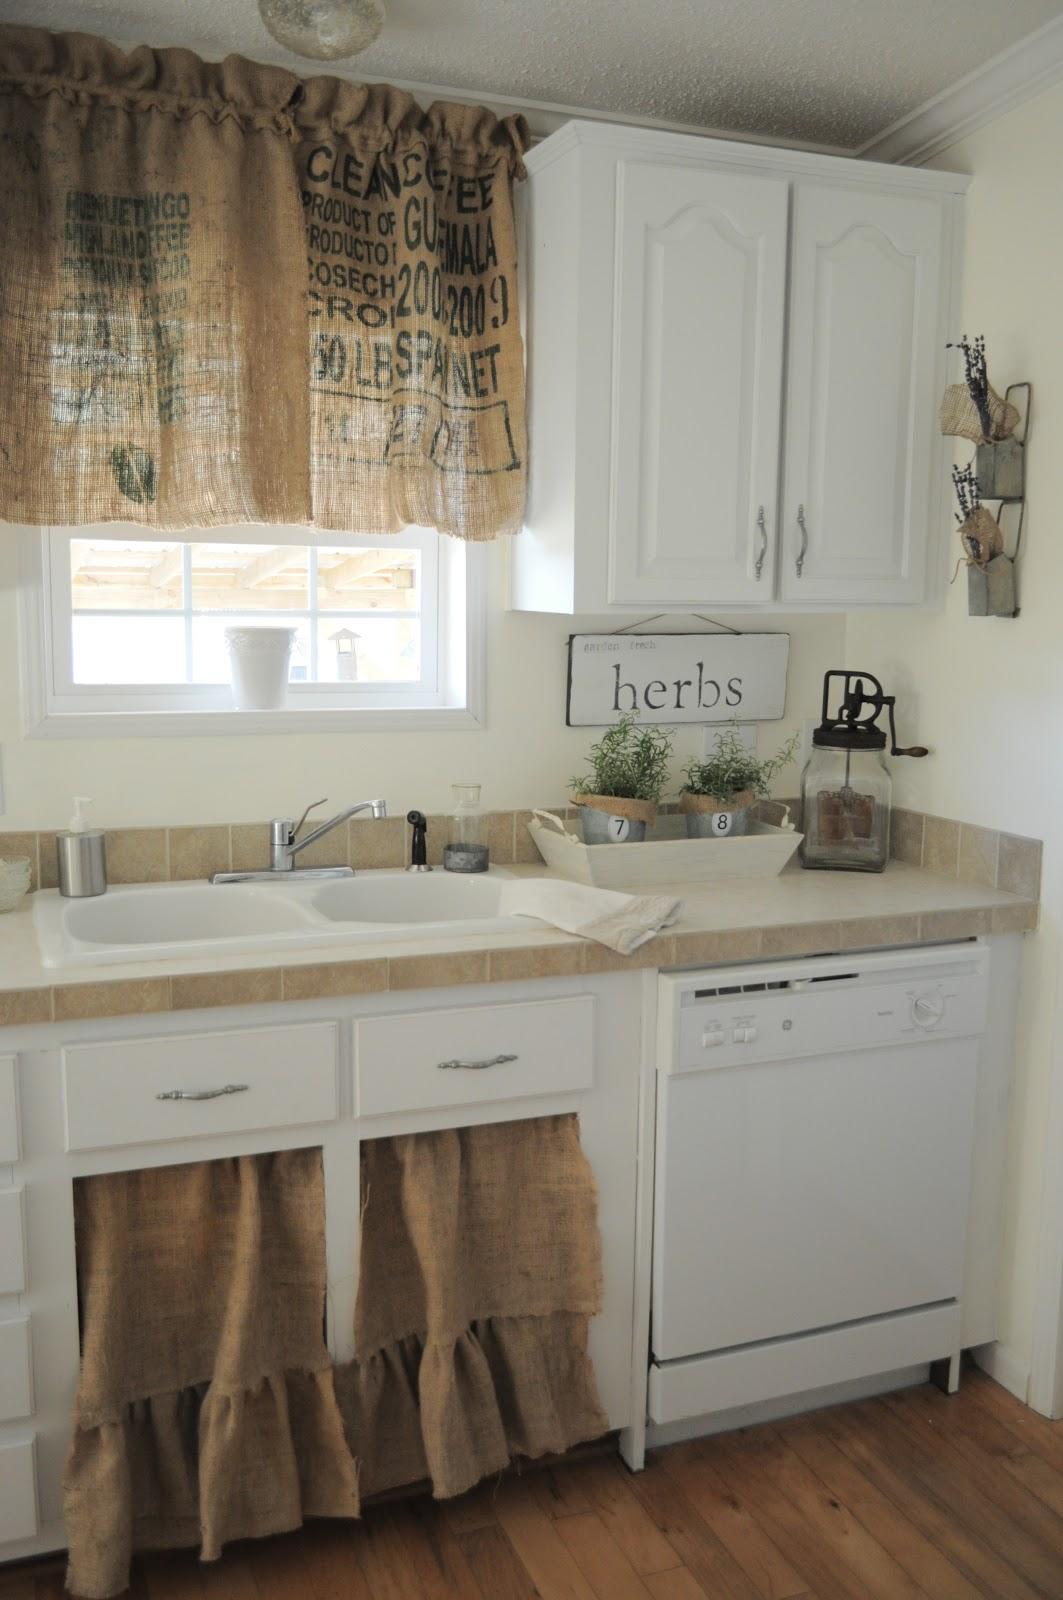 landelijke brocante keuken : Brocante Keuken Het Keukengordijntje Bobbie S Home